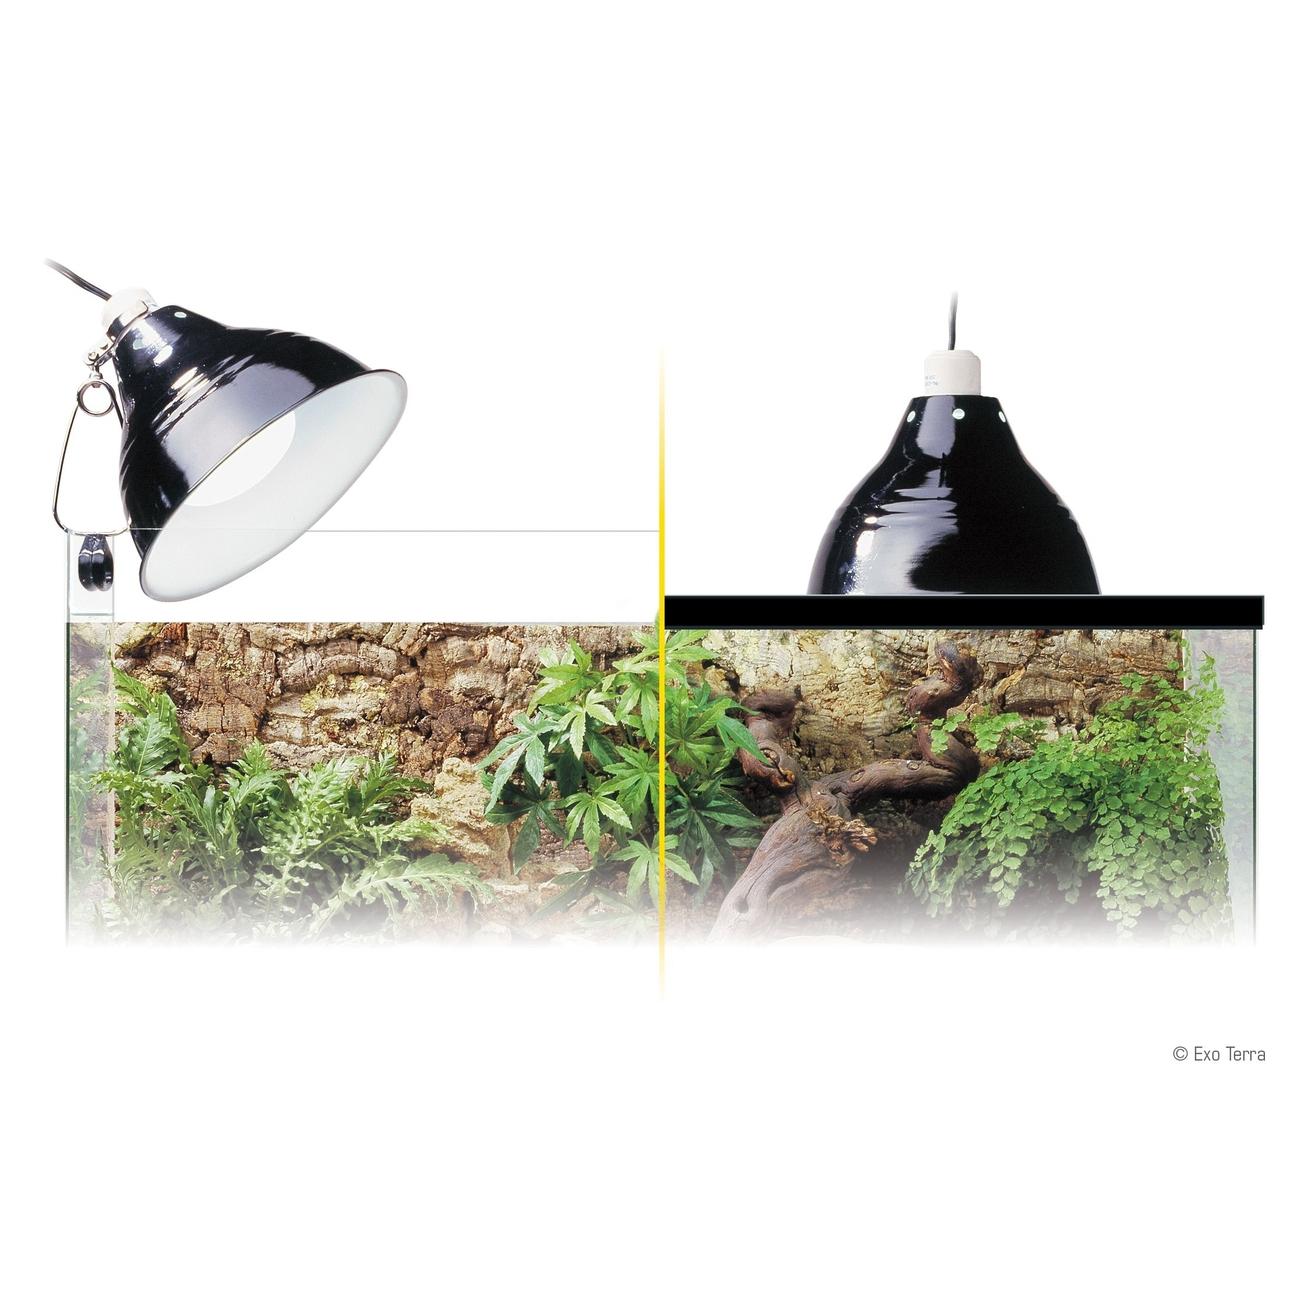 Exo Terra - Porzellan-Klemmlampe mit Leuchtreflektor, Bild 4